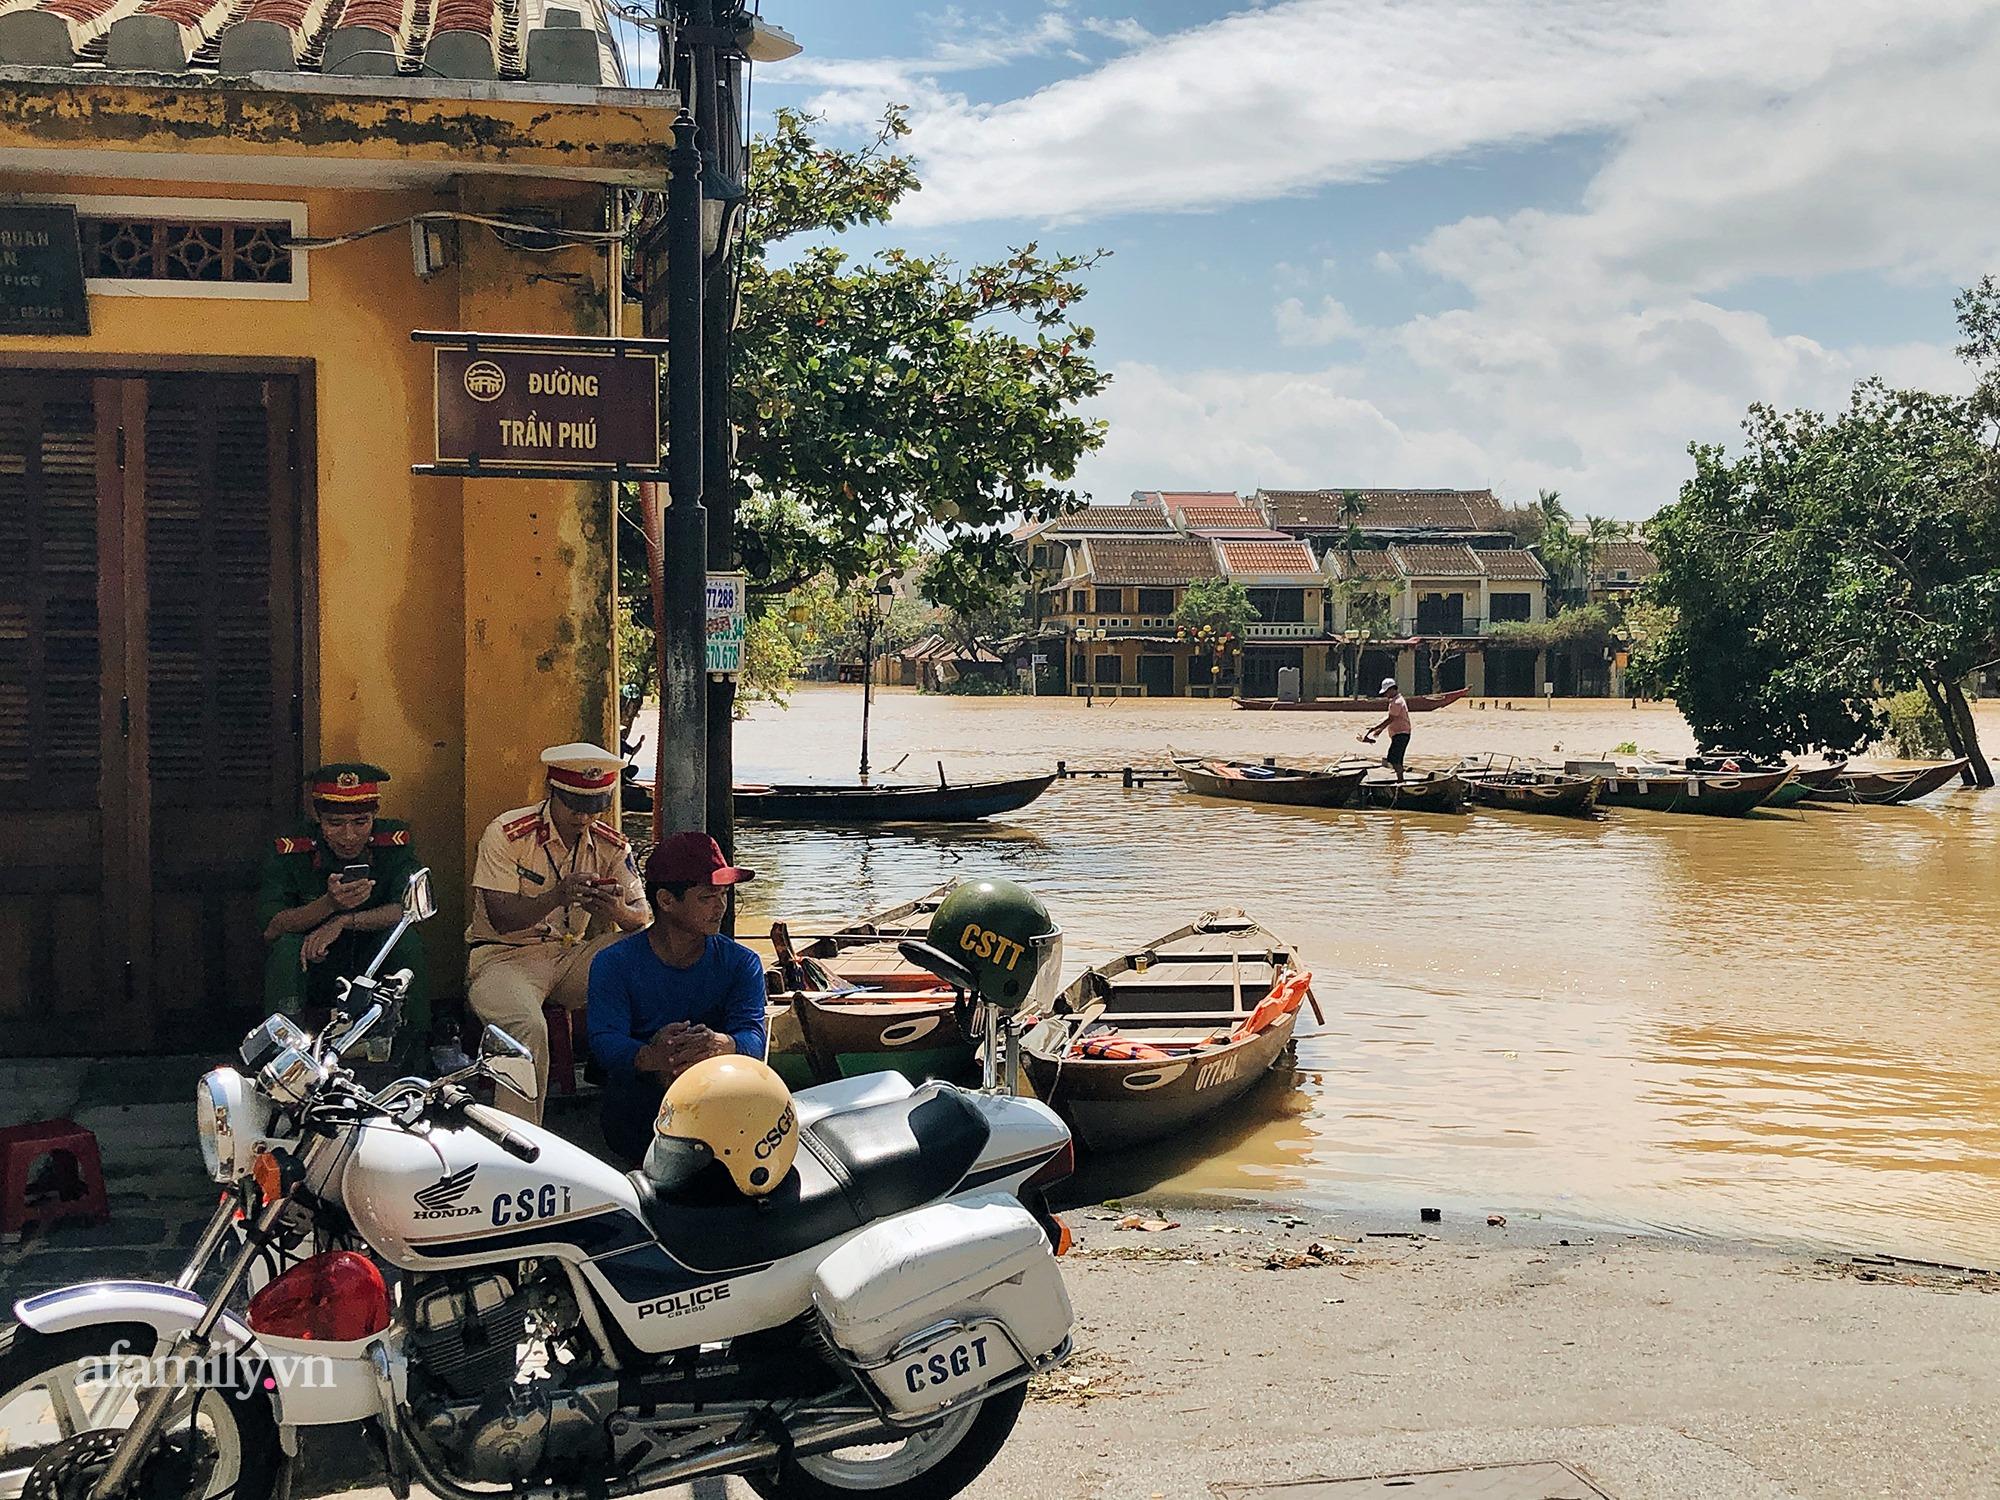 Hội An tan hoang sau bão số 9, những rặng hoa giấy rực rỡ ngày thường nay bỗng hóa xác xơ, nước sông Hoài dâng lên ngập cả nhiều tuyến đường trung tâm phố cổ - Ảnh 5.